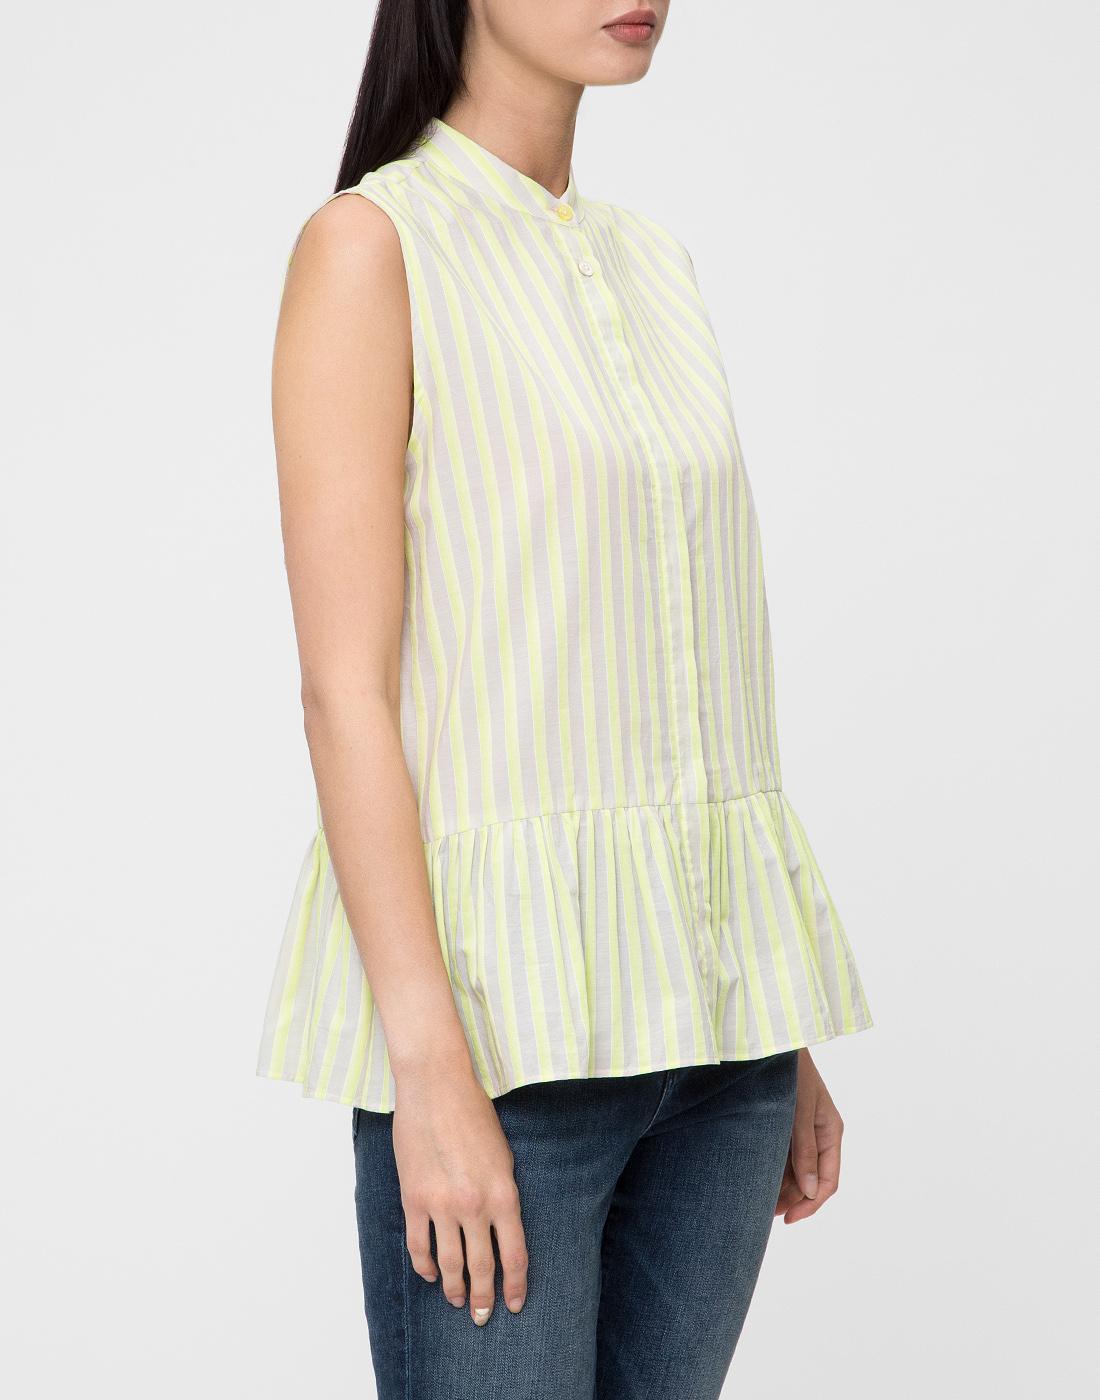 Женская блуза в полоску Paul Smith S095M/864-3